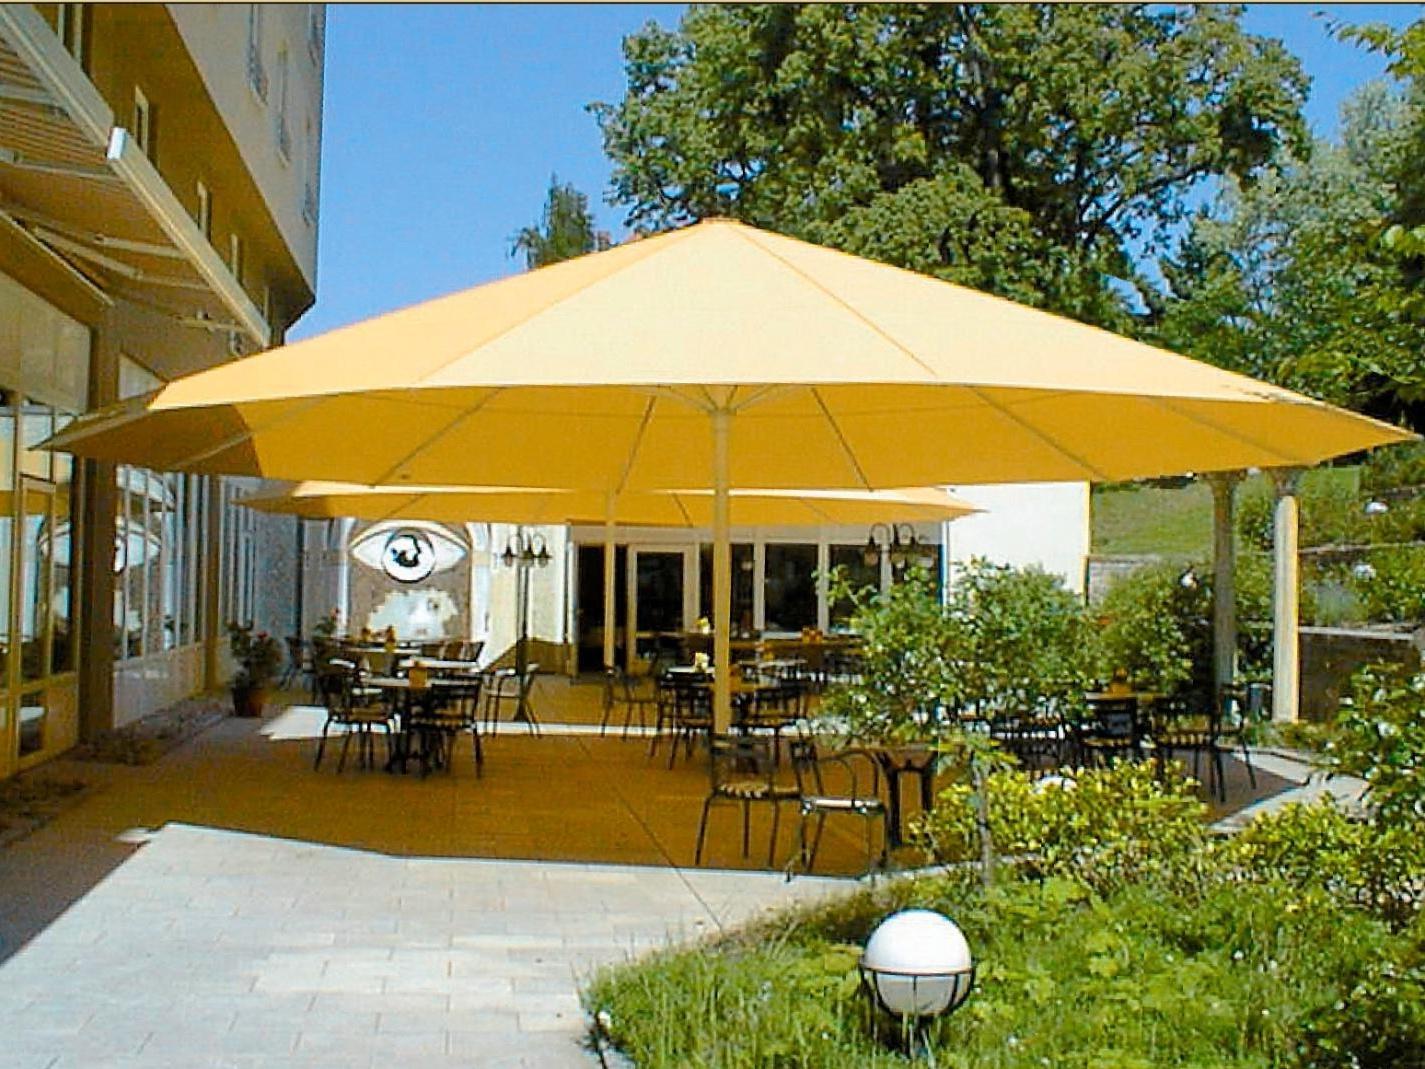 Latest 45 Large Patio Umbrella, Zeta Large Umbrellas Large Parasols Apex For Large Patio Umbrellas (View 11 of 20)